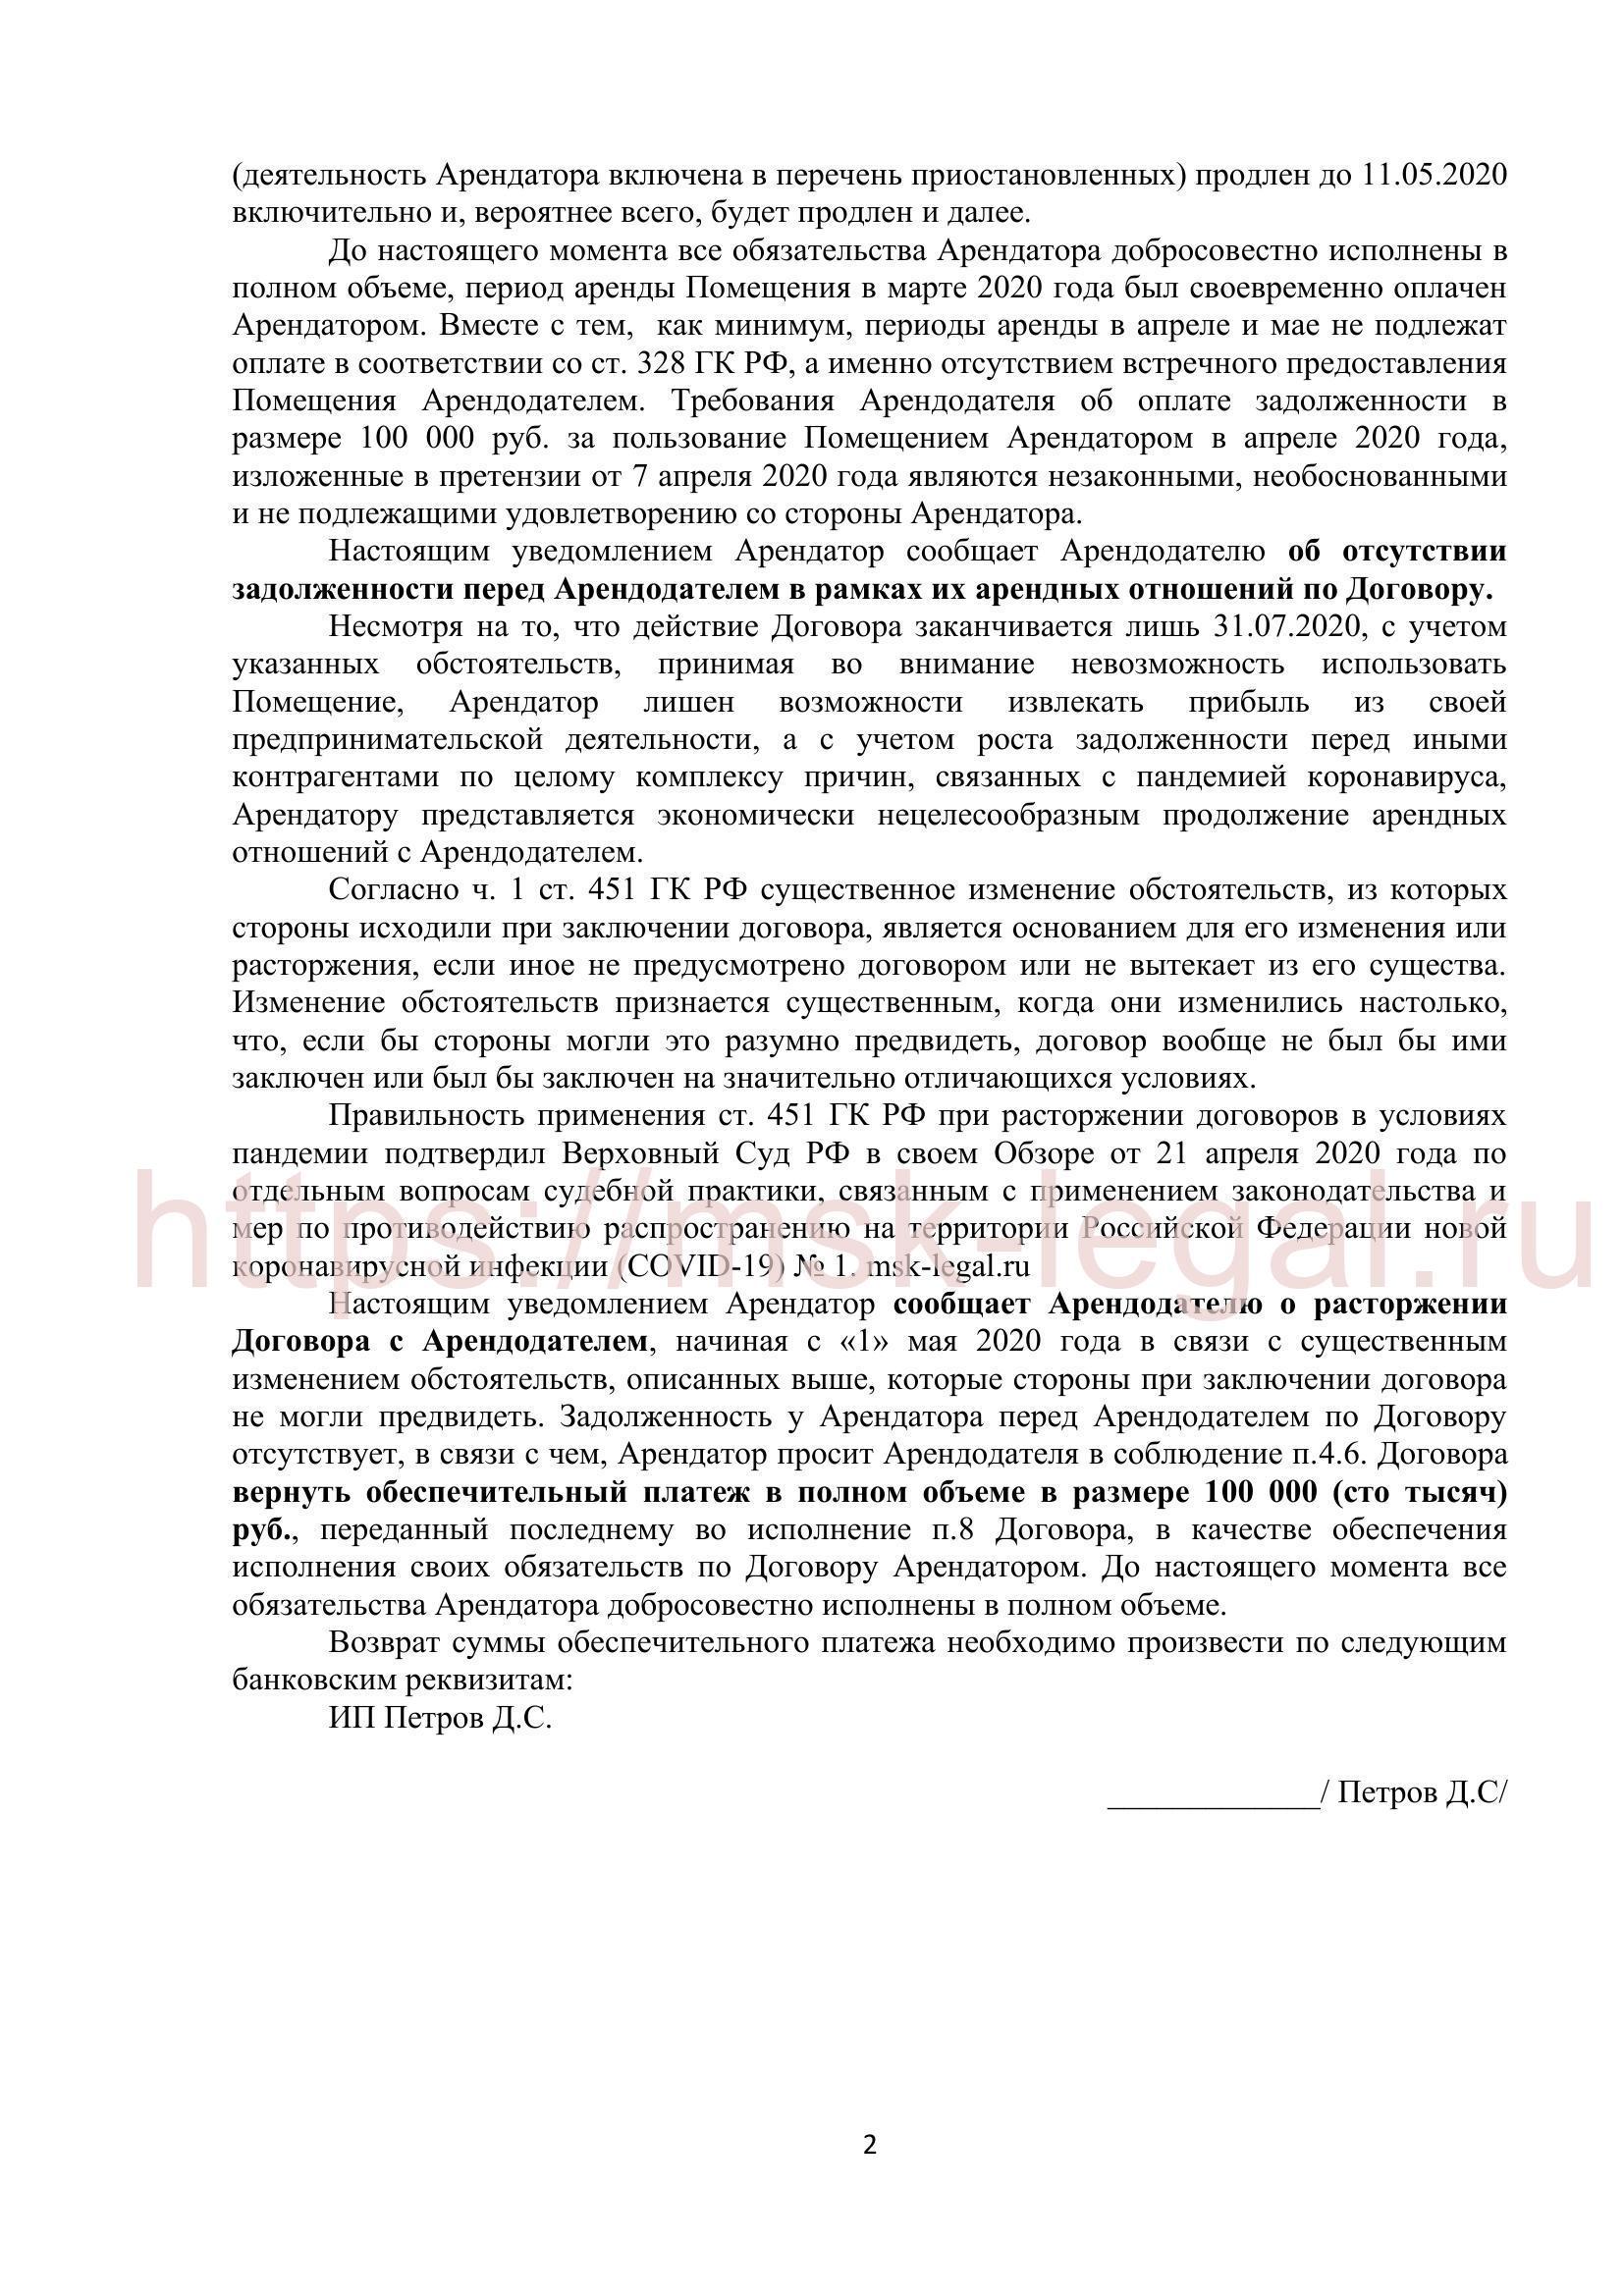 Уведомление о расторжении договора аренды из-за коронавируса